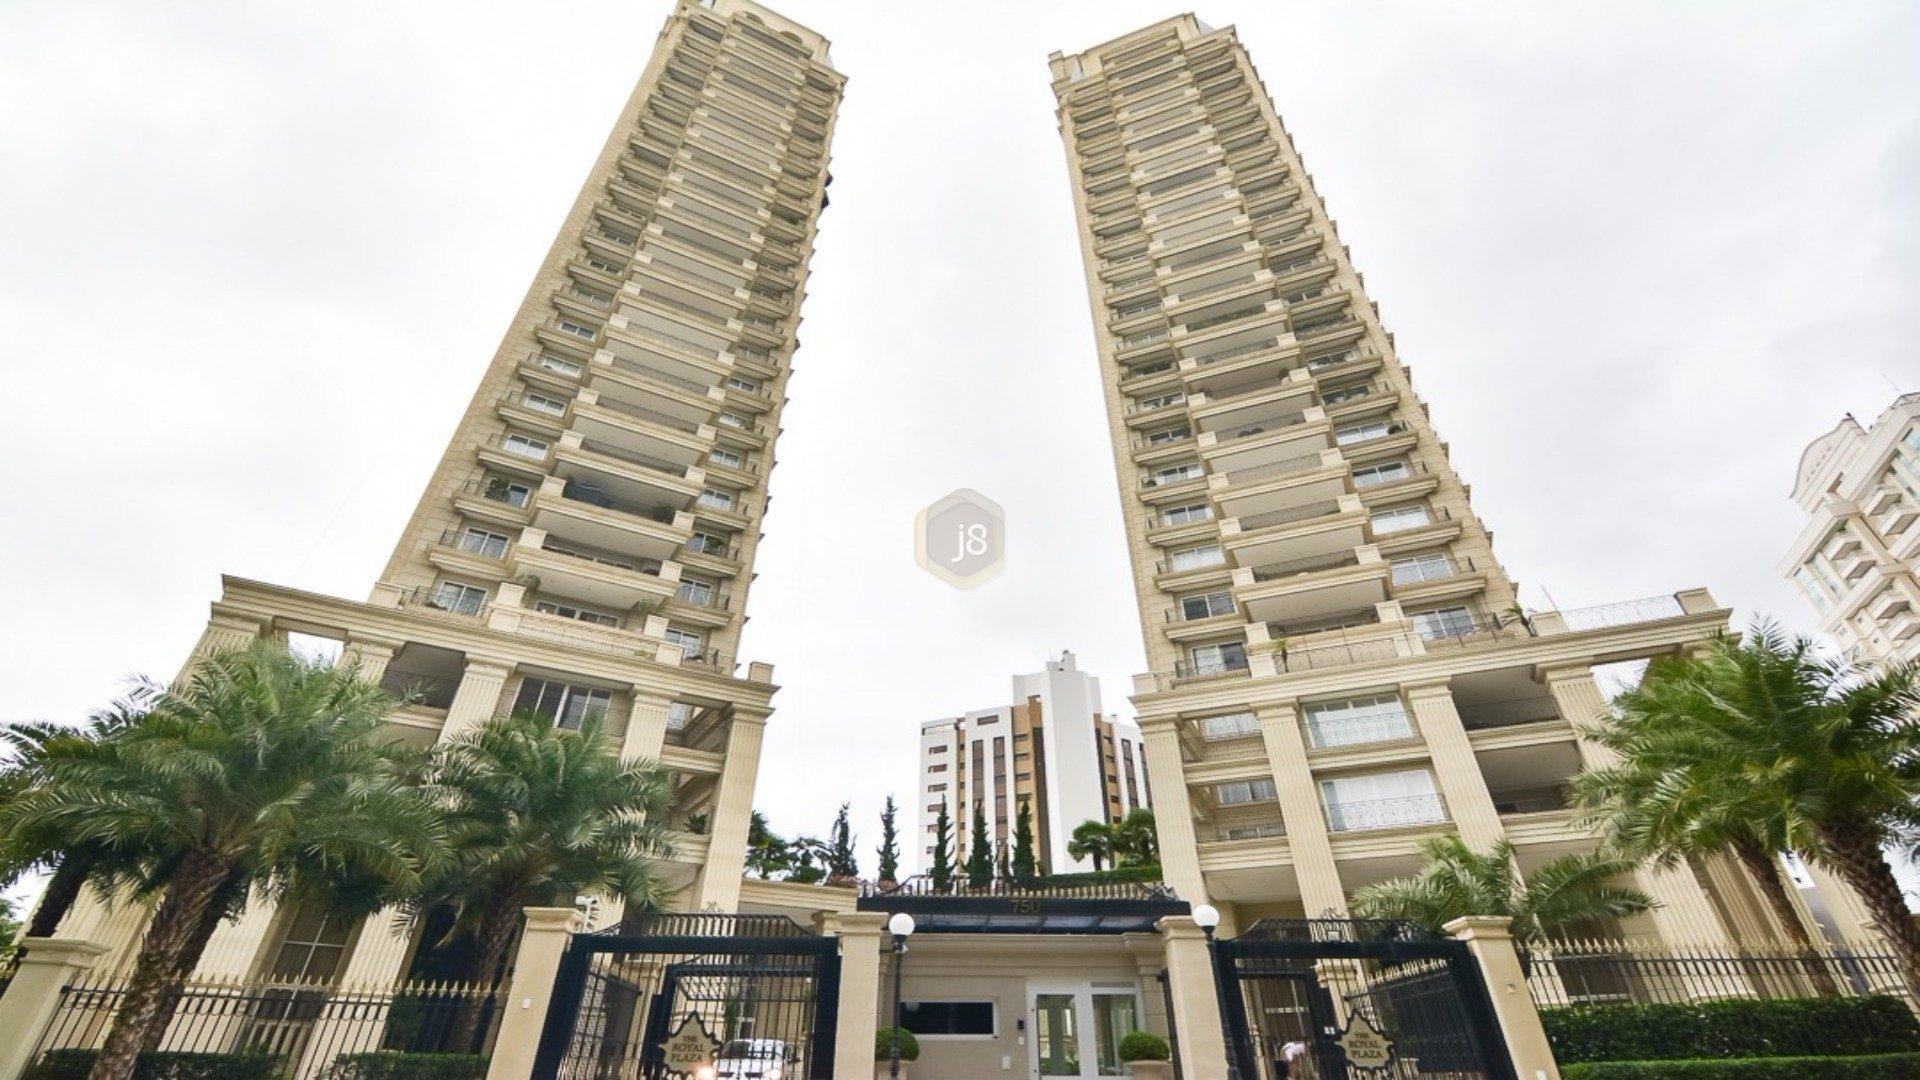 Foto de destaque Maravilhoso apartamento no edifício mais desejado do ecoville